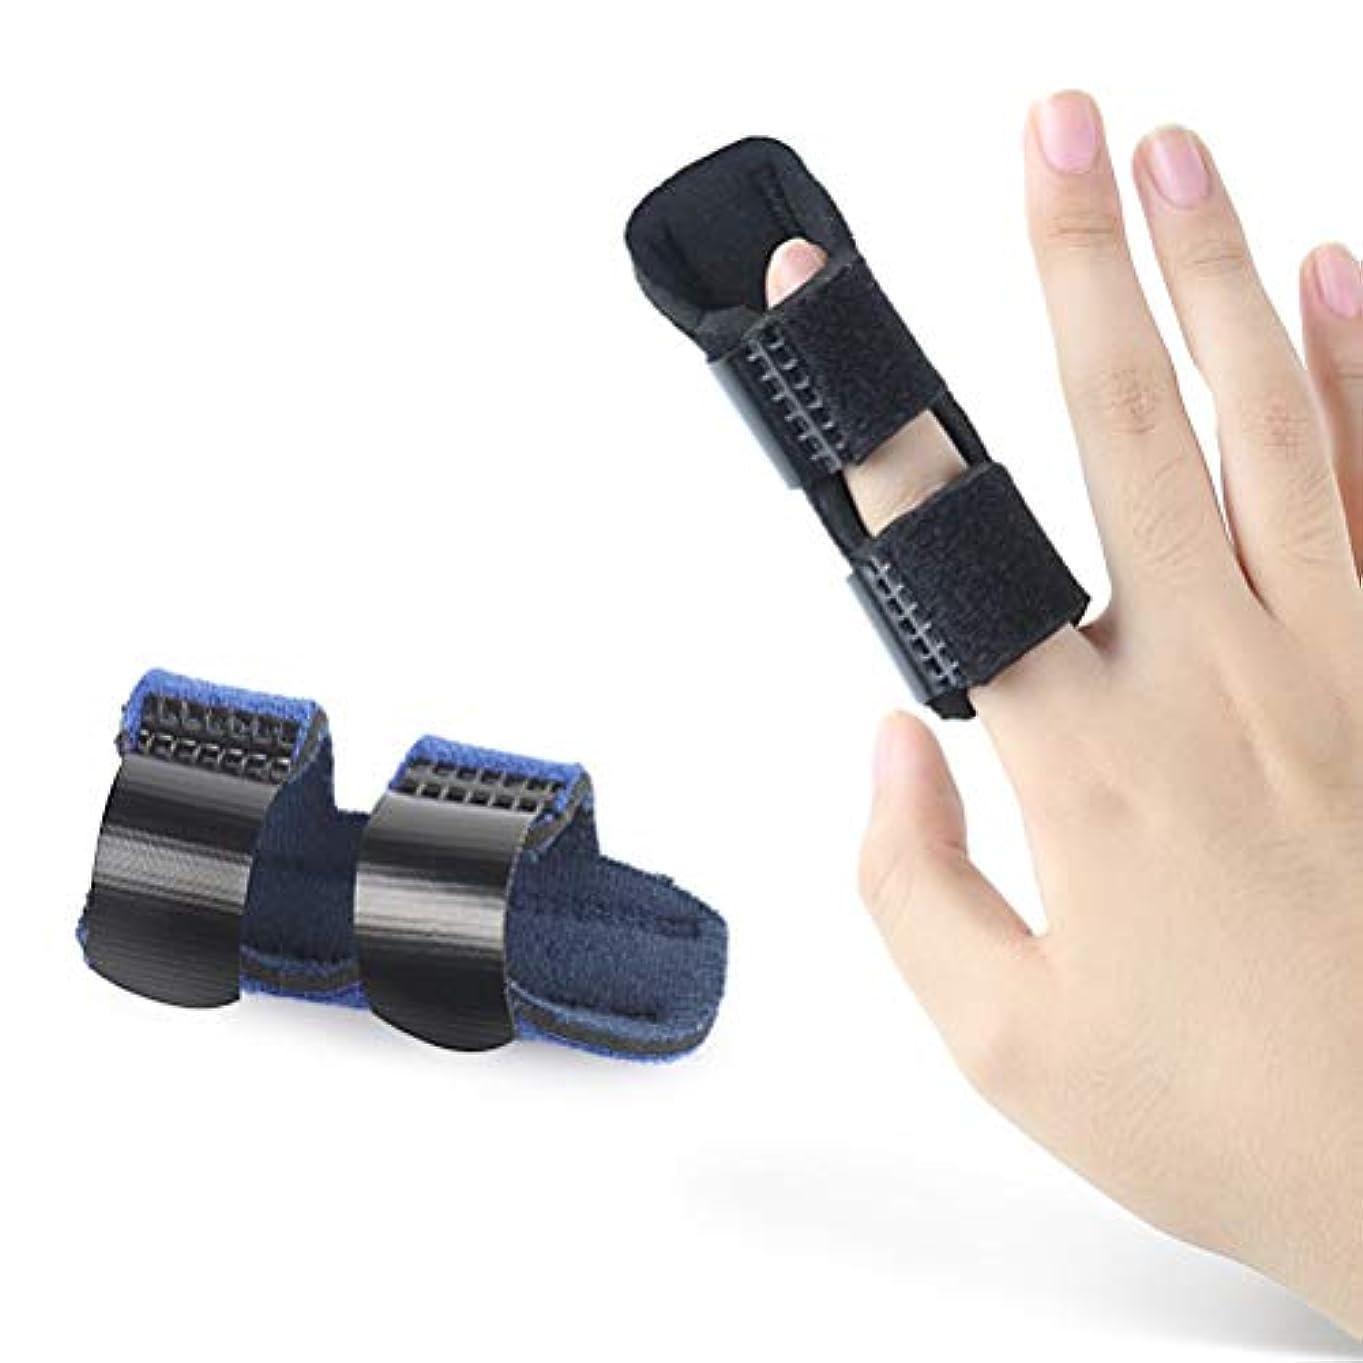 処方オリエント繊細SUPVOX 首サポートブレース 腱鞘炎 バネ指 関節靭帯保護 損傷回復に 手首の親指の痛みを和らげる 1対指スプリントサポート(黒)